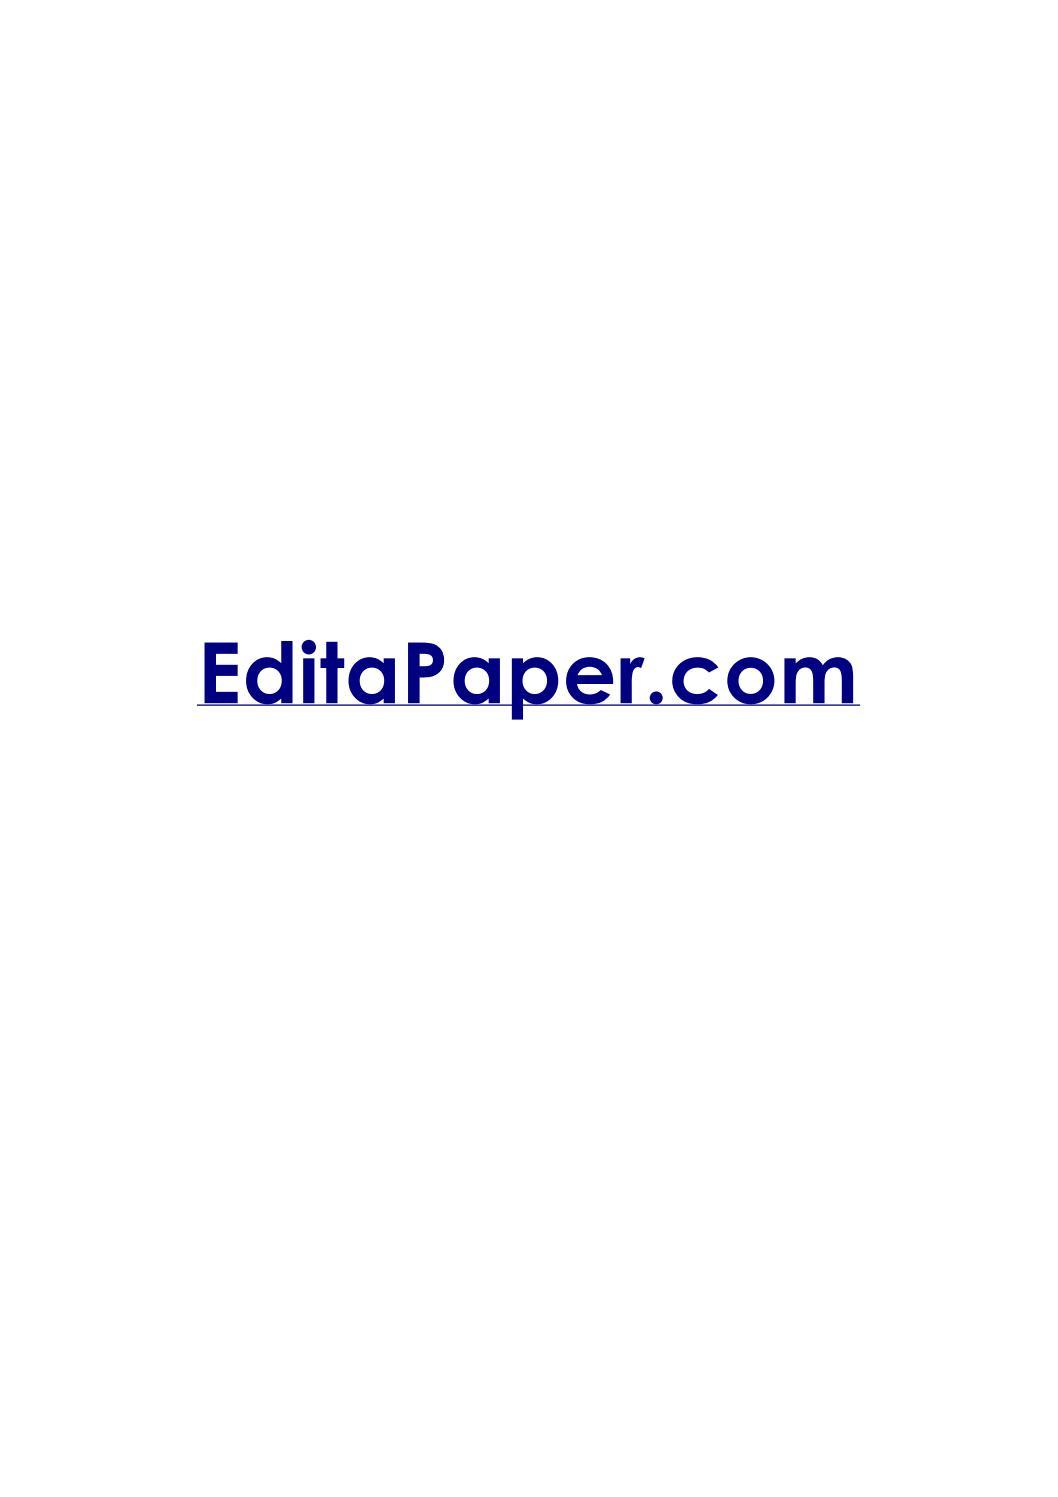 Cuvillier verlag dissertation help